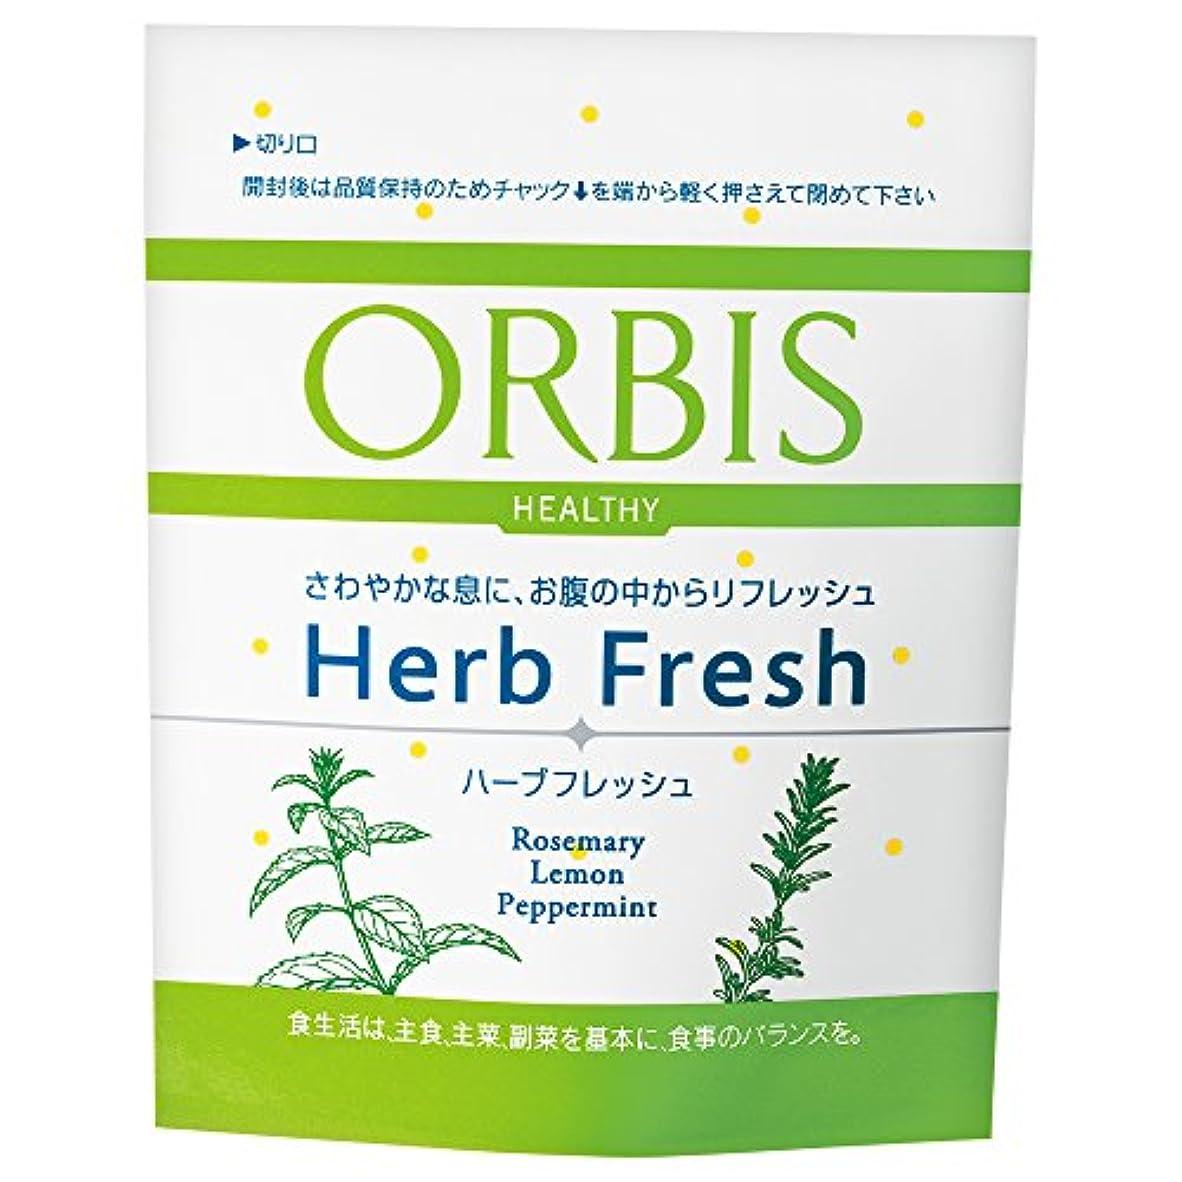 任命するトリップ別れるオルビス(ORBIS) ハーブフレッシュ レギュラー 10~30日分(240mg×30粒) ◎エチケットサプリメント◎